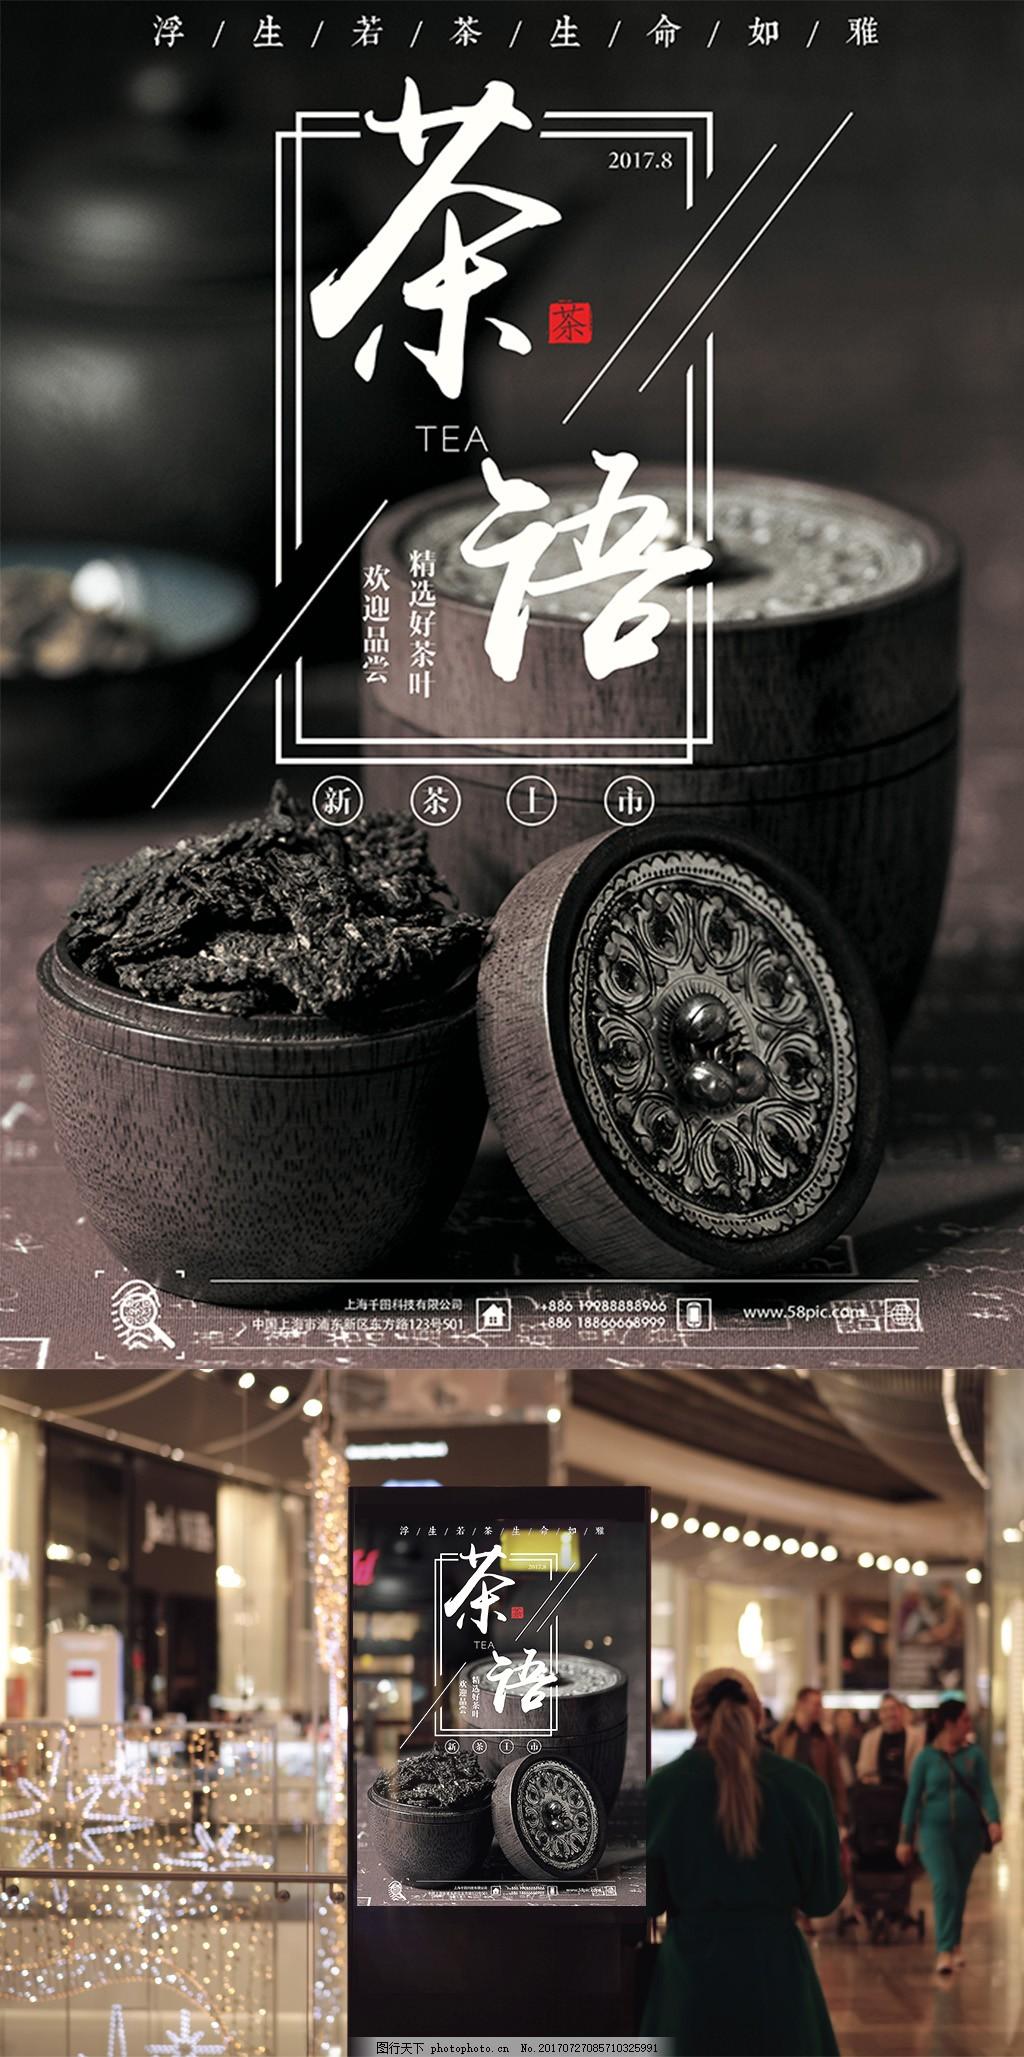 简洁大气中式茶叶宣传海报设计 新茶上市 茶叶展架 茶叶海报 茶叶宣传单